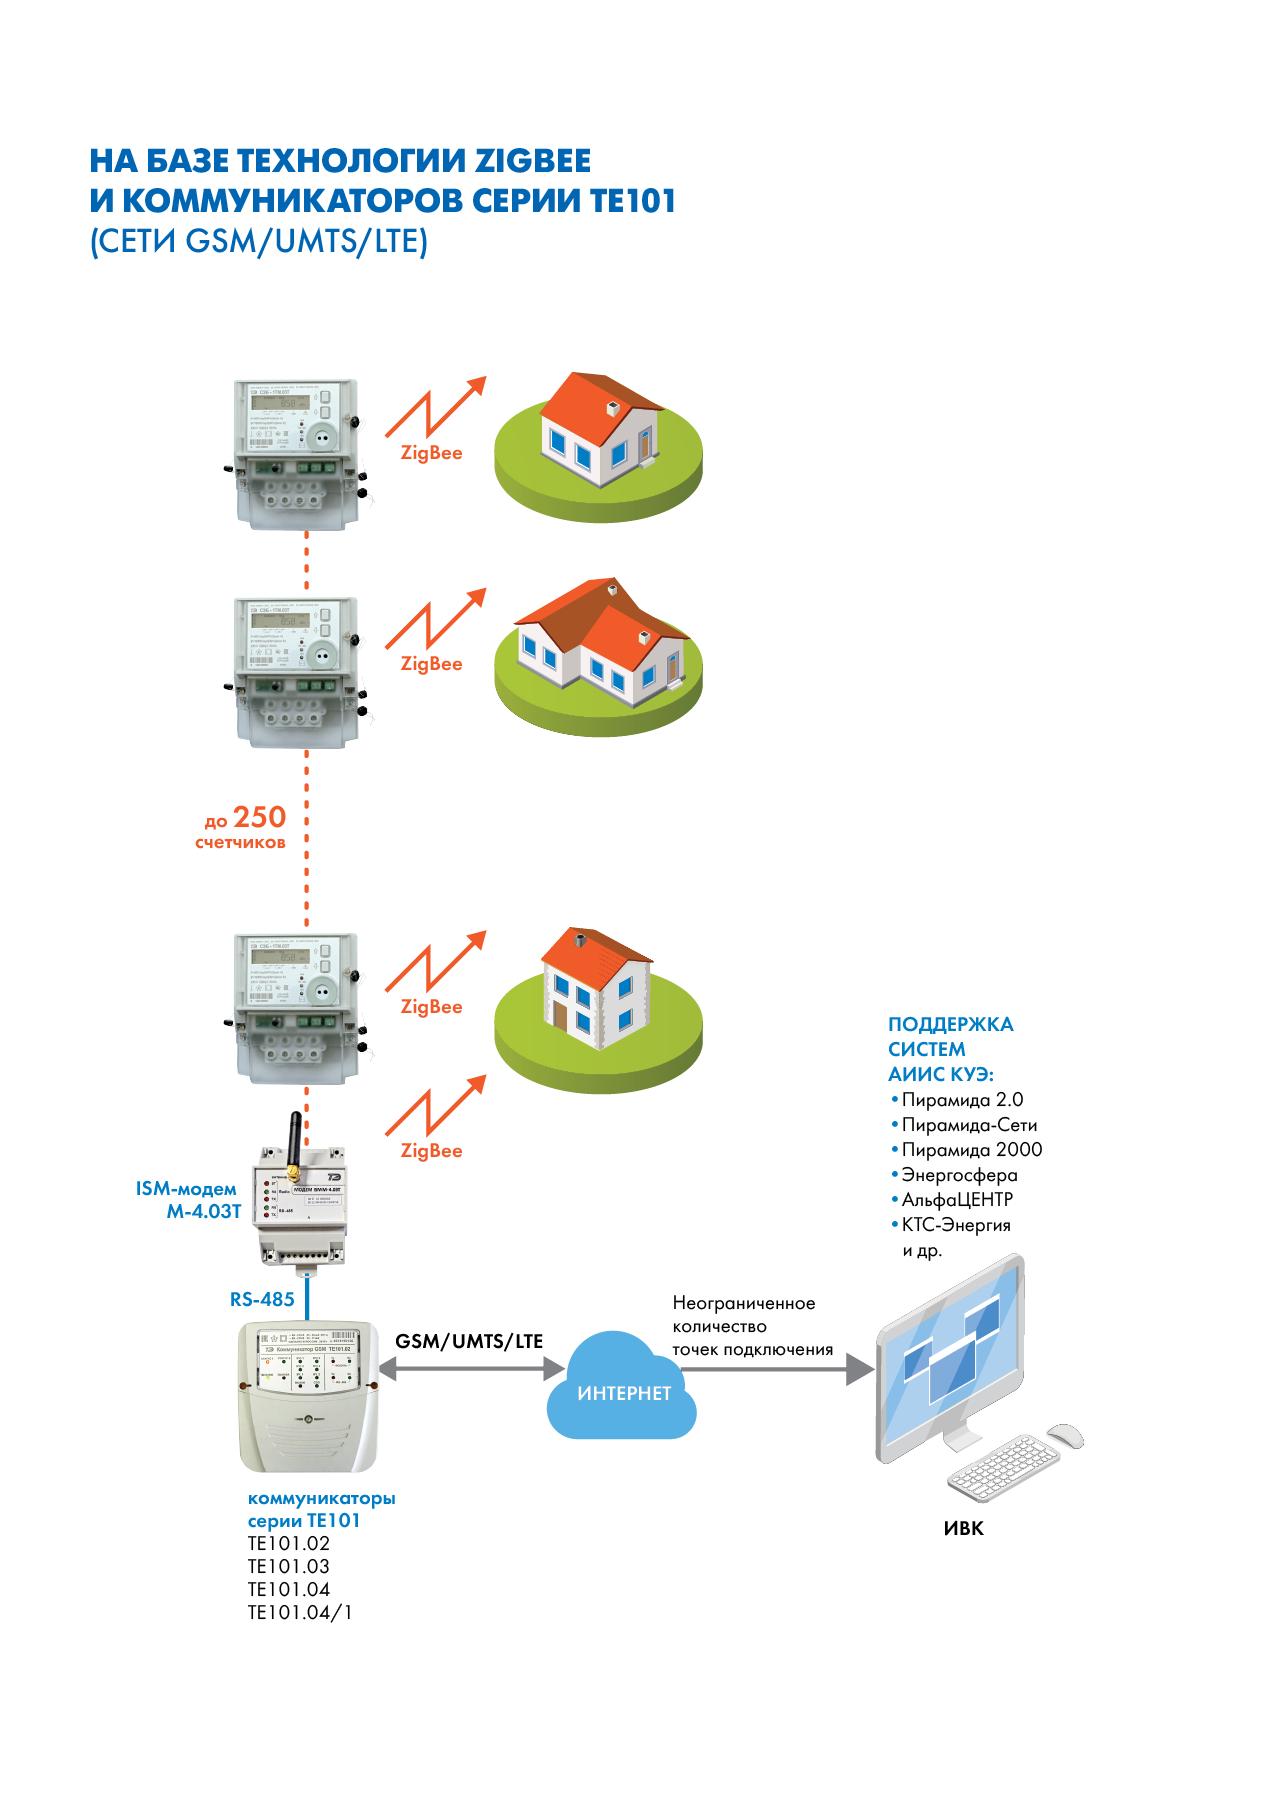 Организация сбора информации со счетчиков электрической энергии на базе технологии ZIGBEE и коммуникаторов серии ТЕ101 (сети GSM/UMTS/LTE)